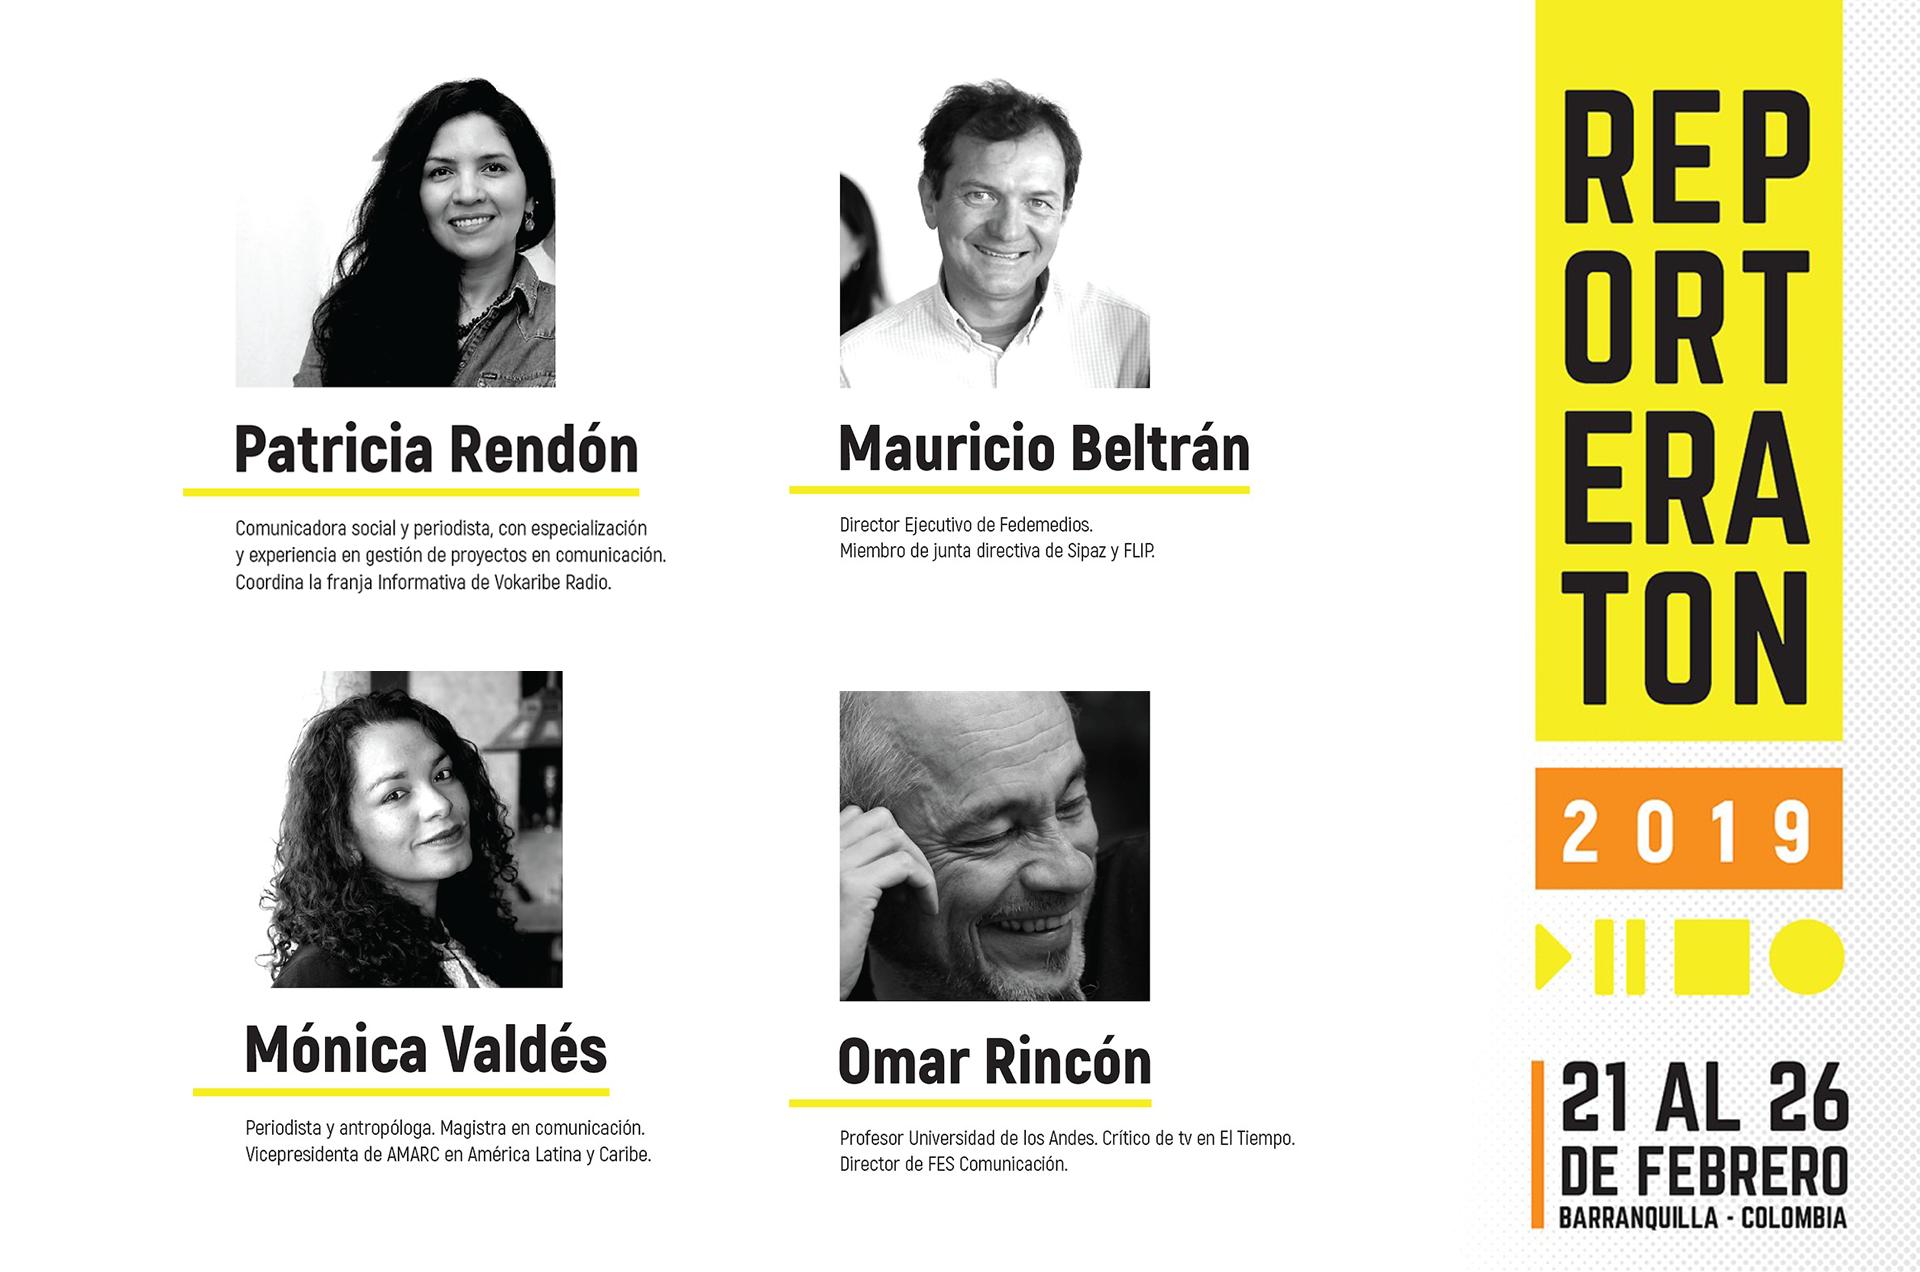 La radio y medios comunitarios en Colombia y América Latina, en Reporteratón 2019